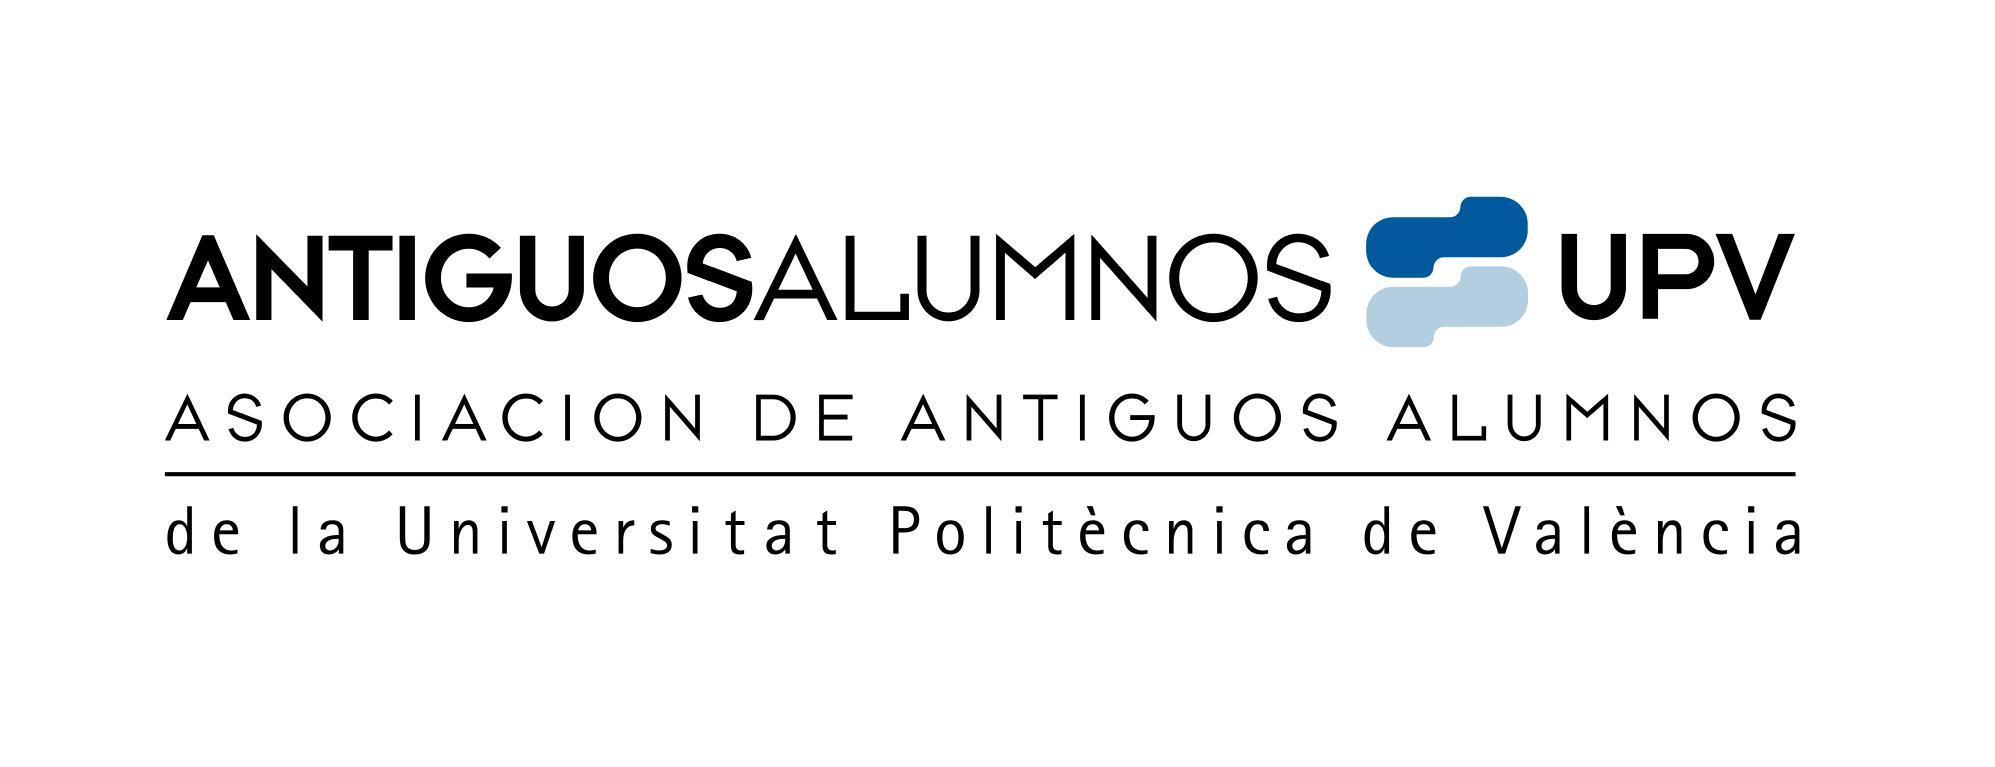 Asociación de Antiguos Alumnos de la Universidad Politécnica de Valencia